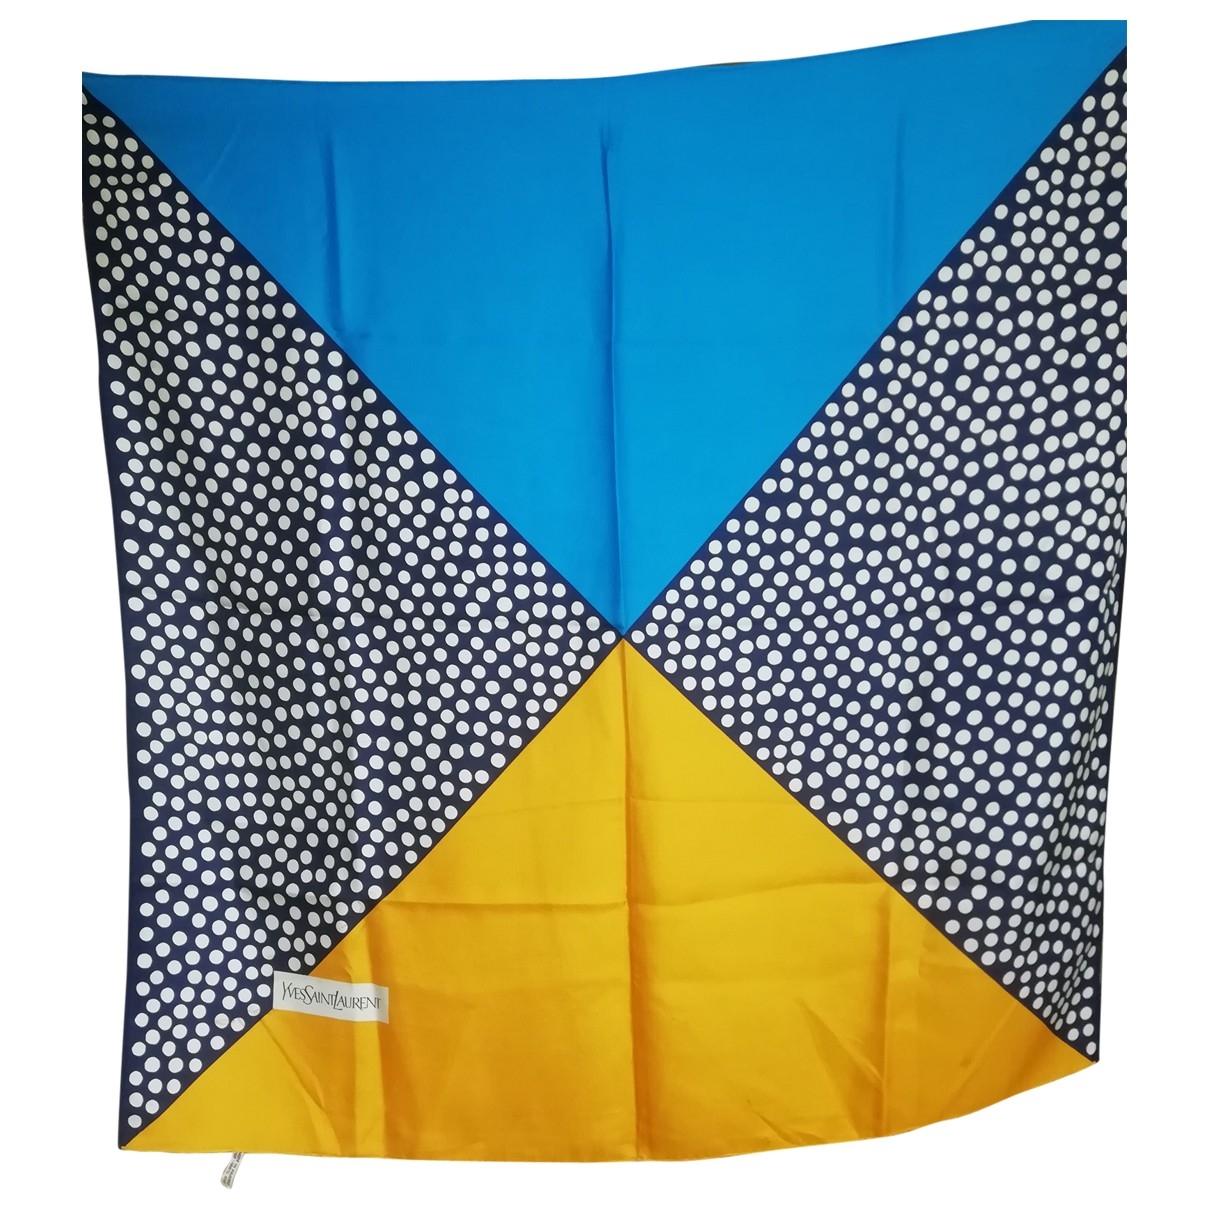 Yves Saint Laurent - Foulard   pour femme en soie - multicolore